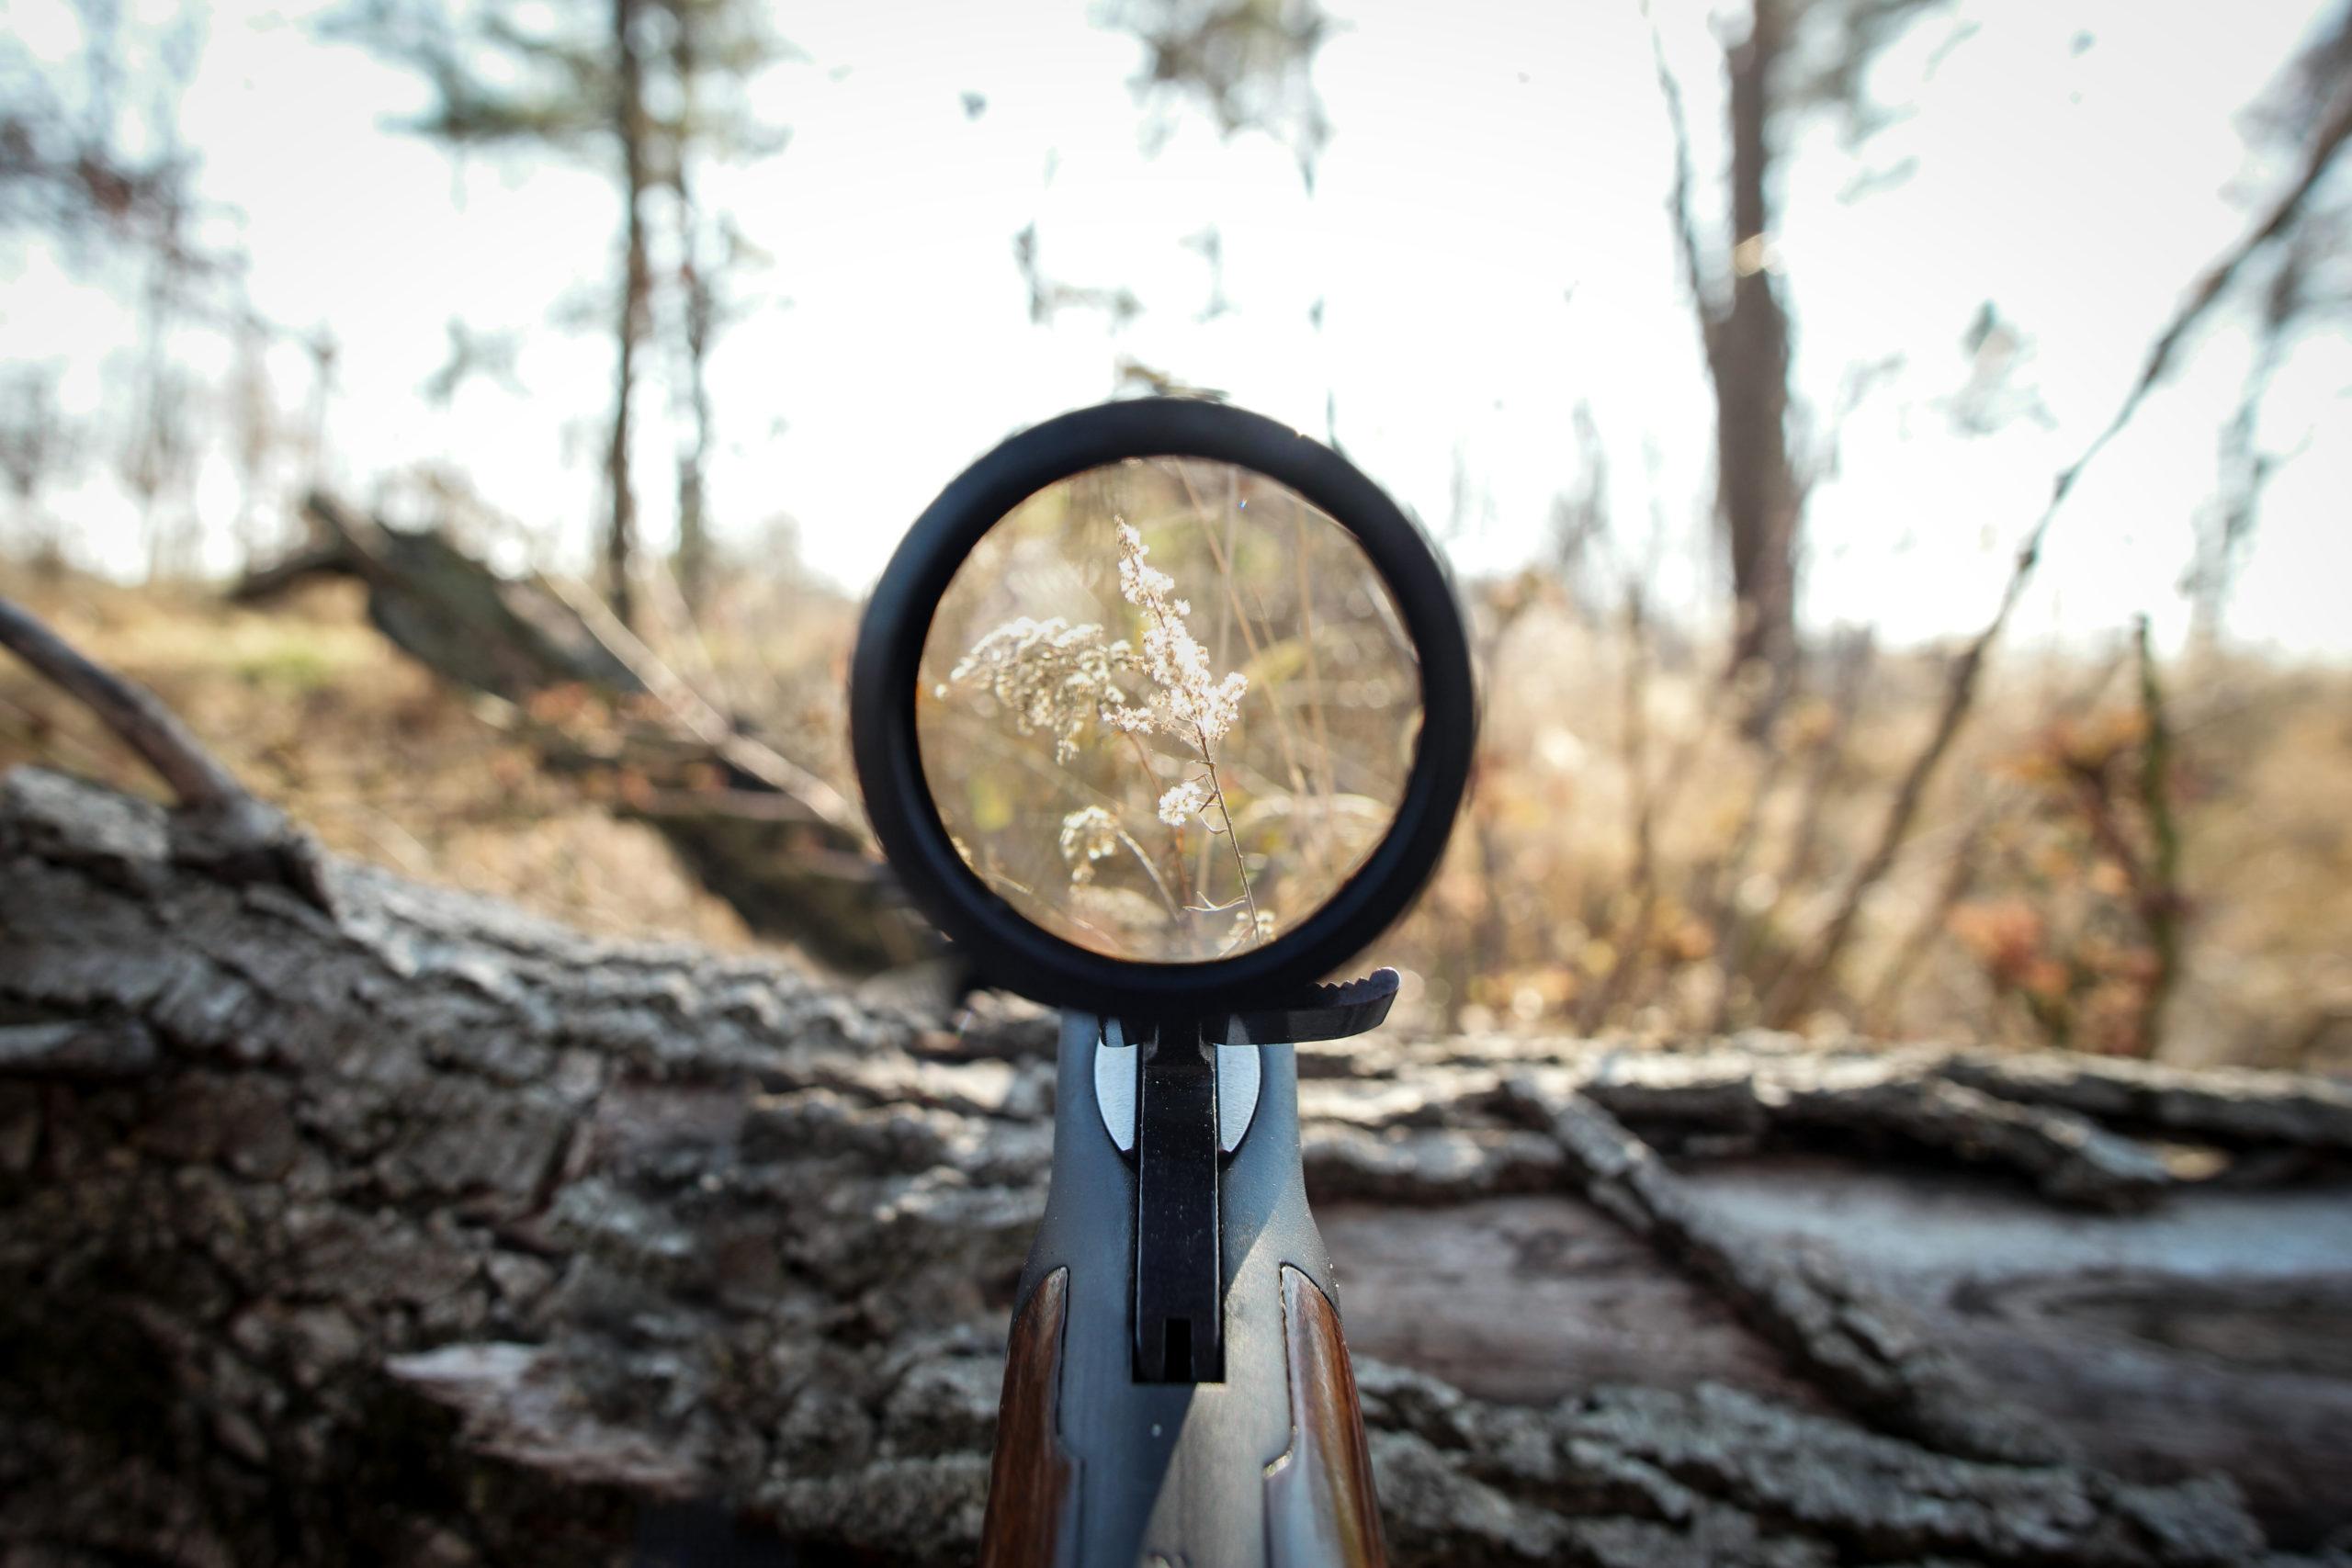 riflescope_Jaime Weaver_Shutterstock